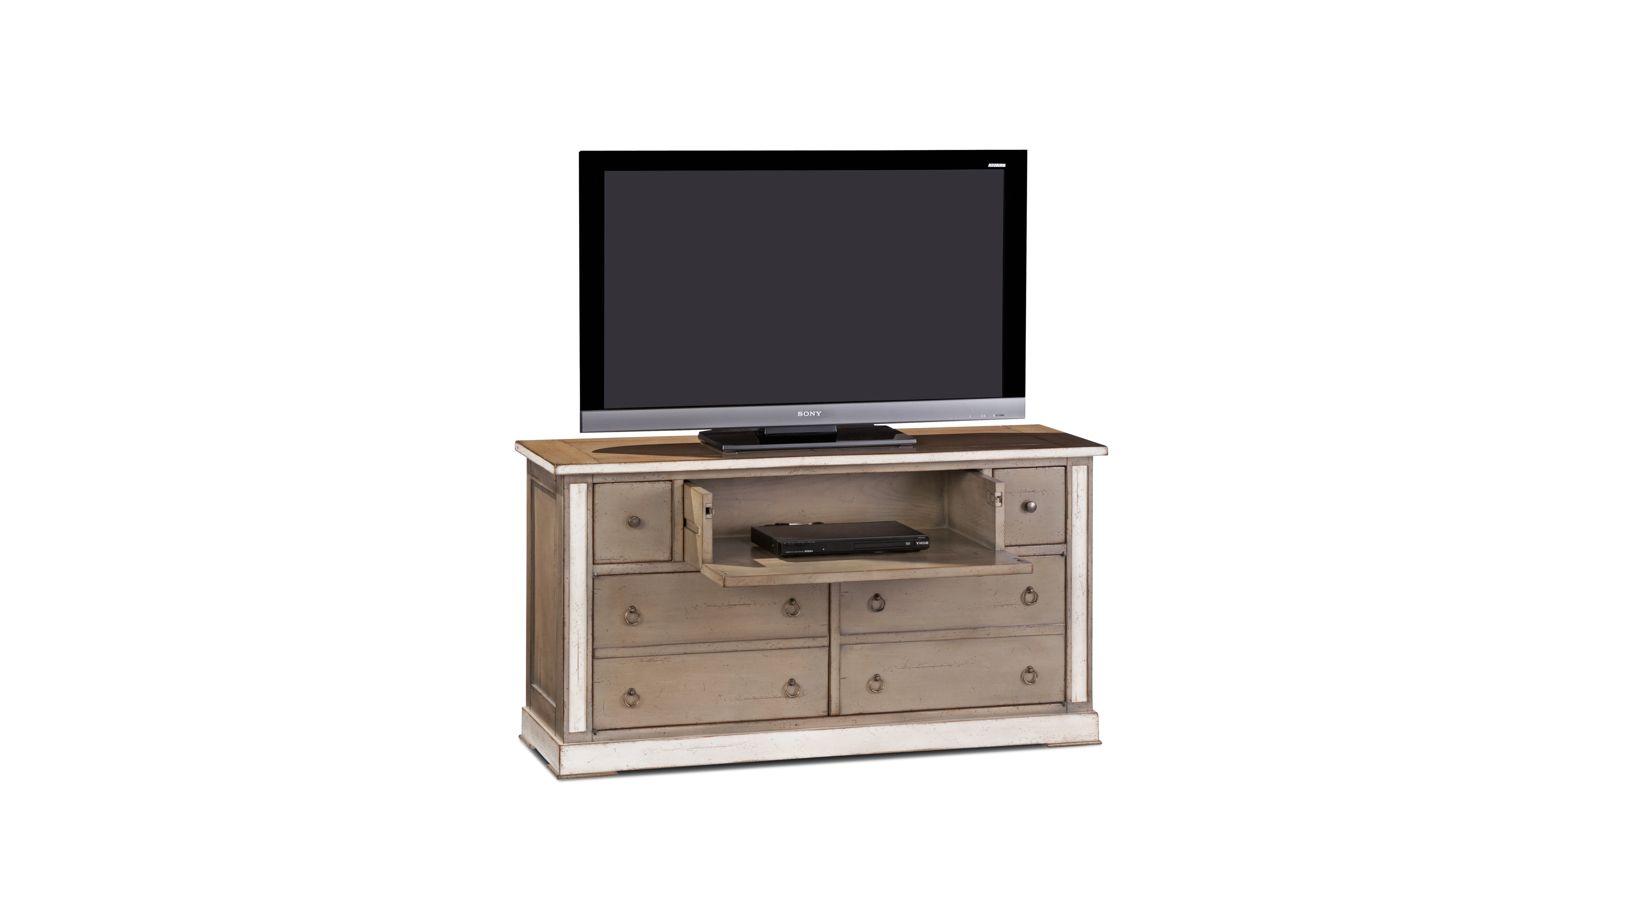 meuble tv hauteville collection nouveaux classiques. Black Bedroom Furniture Sets. Home Design Ideas